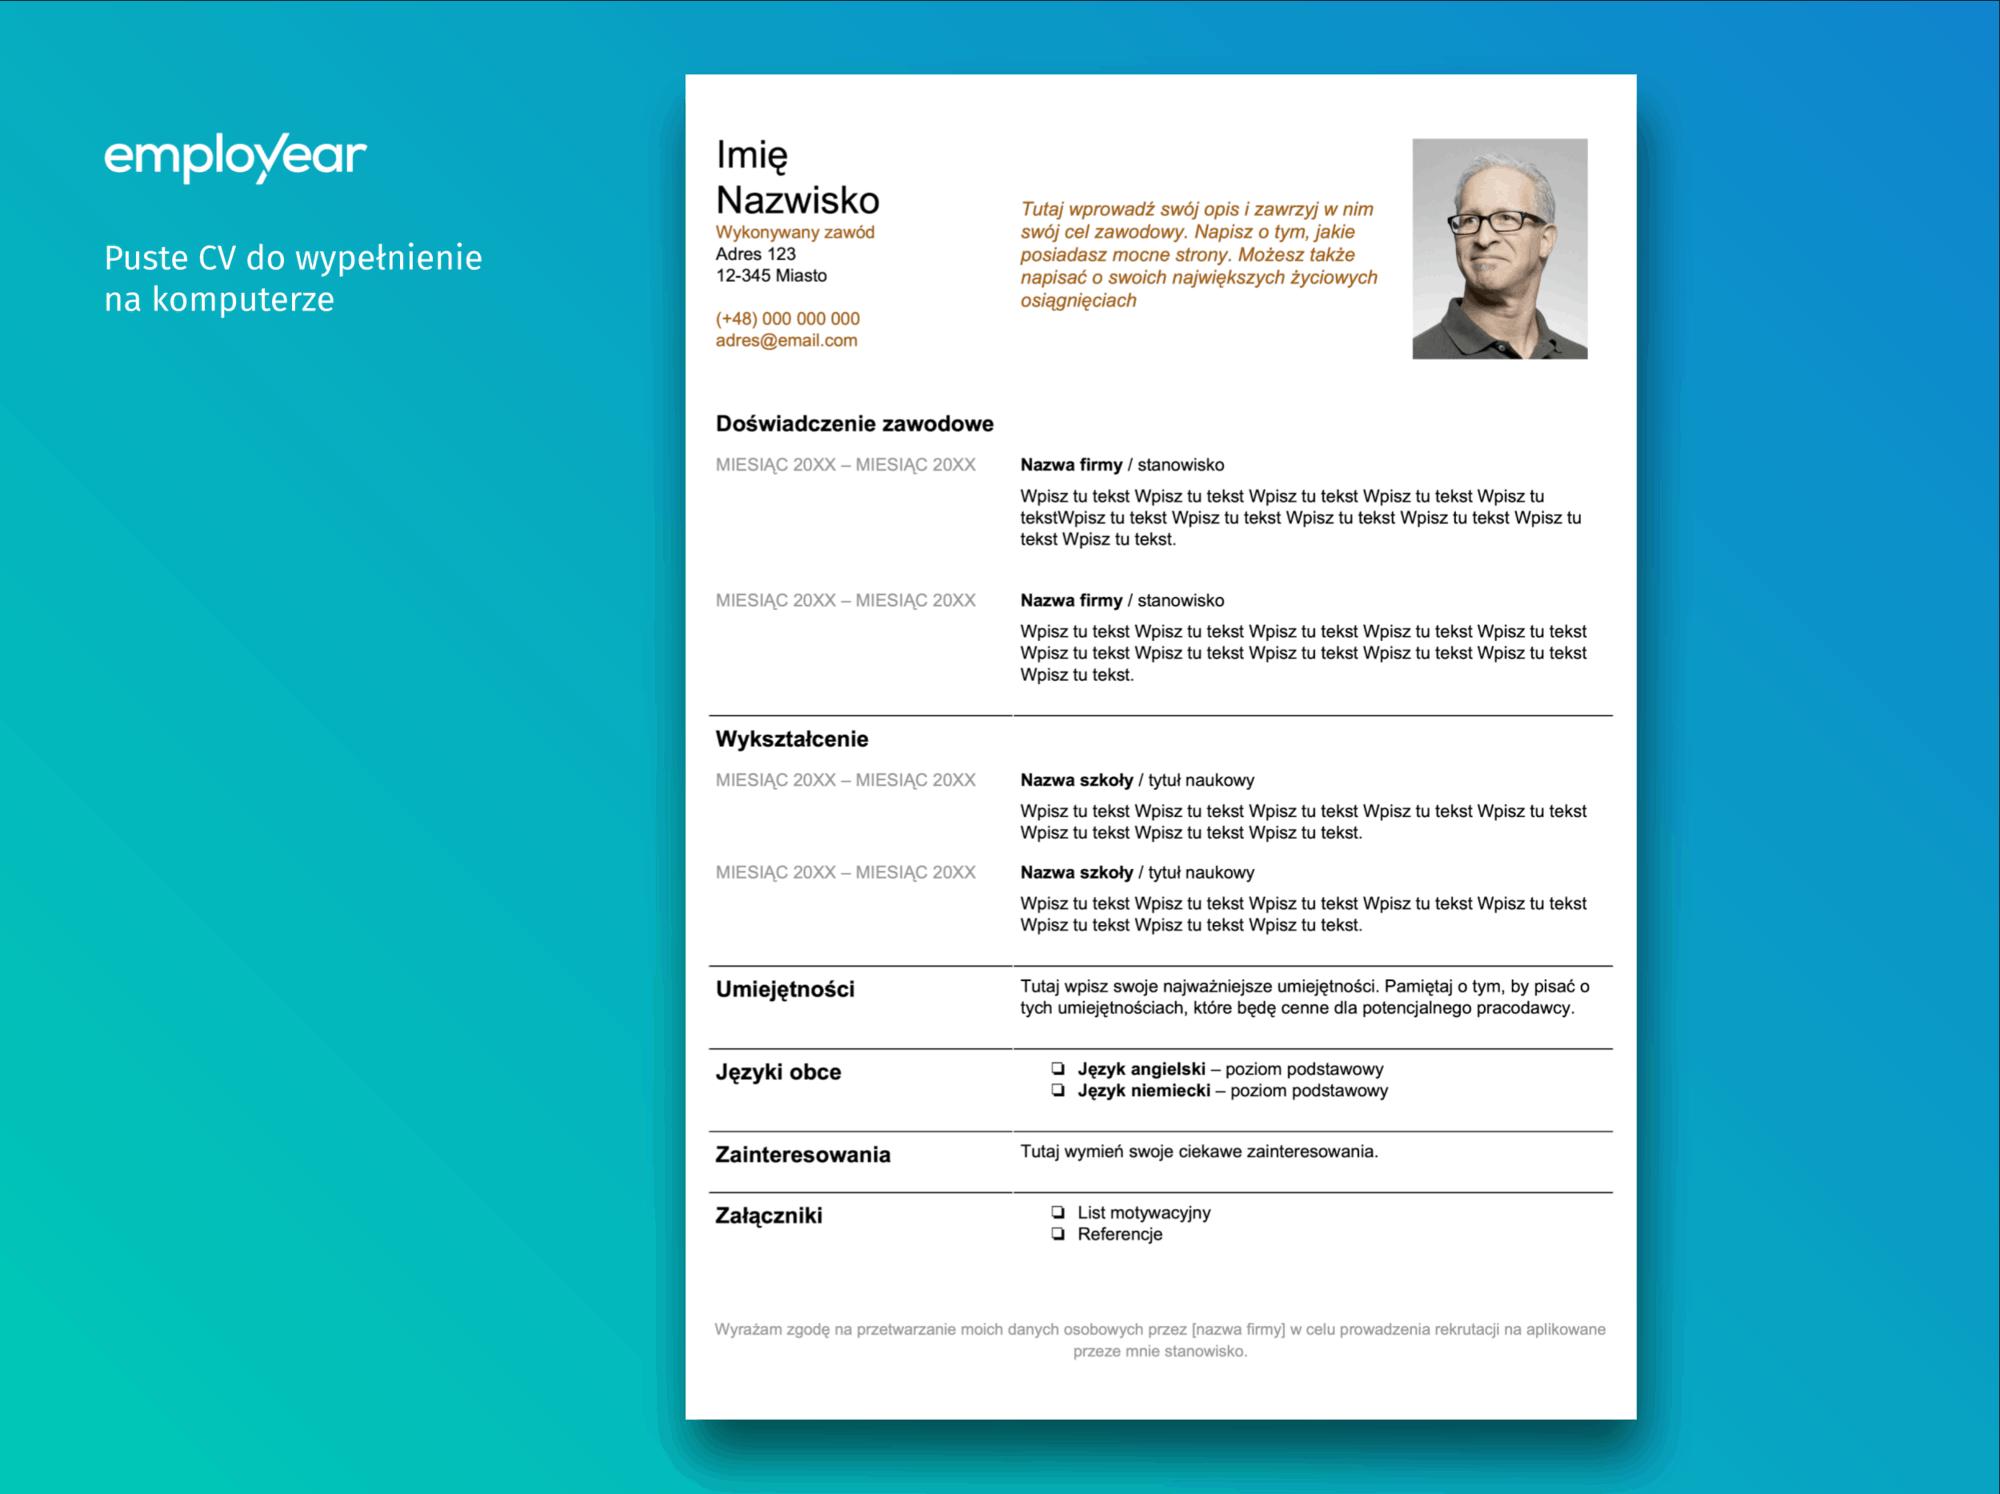 Puste CV do wypełnienia na komputerze